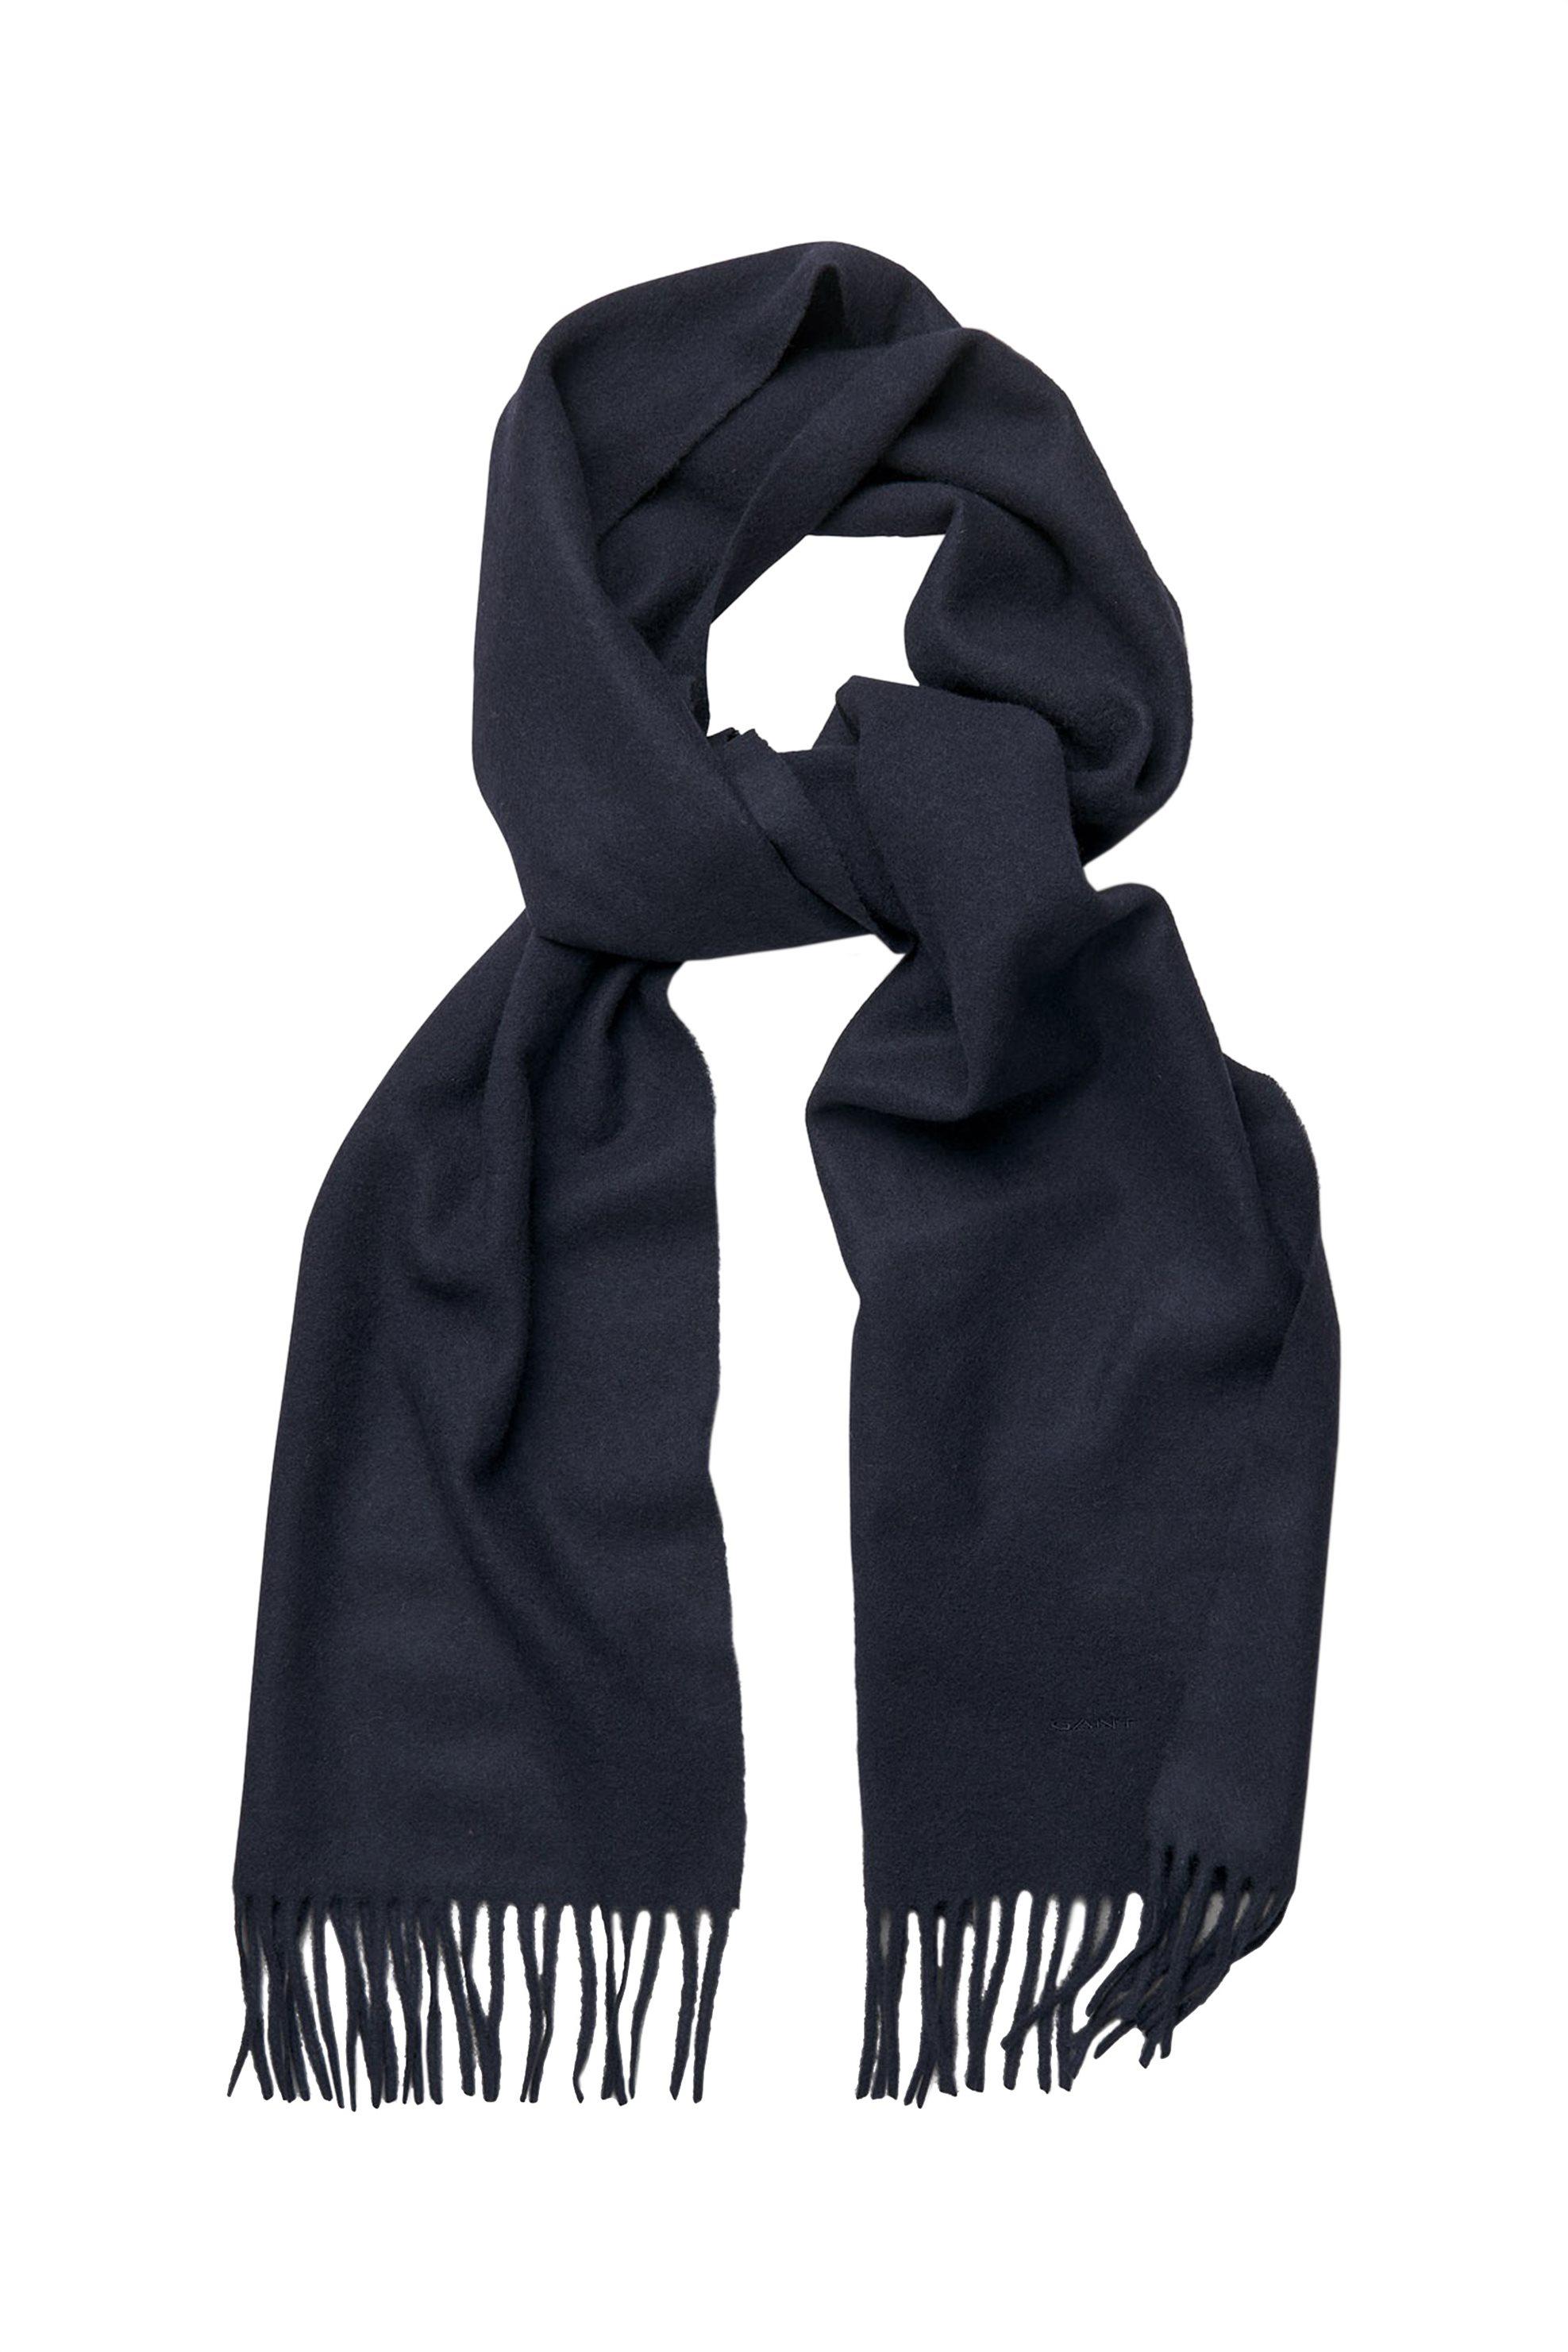 Gant ανδρικό κασκόλ με κρόσσια - 91470 - Μπλε Σκούρο ανδρασ   αξεσουαρ   κασκόλ   μαντήλια